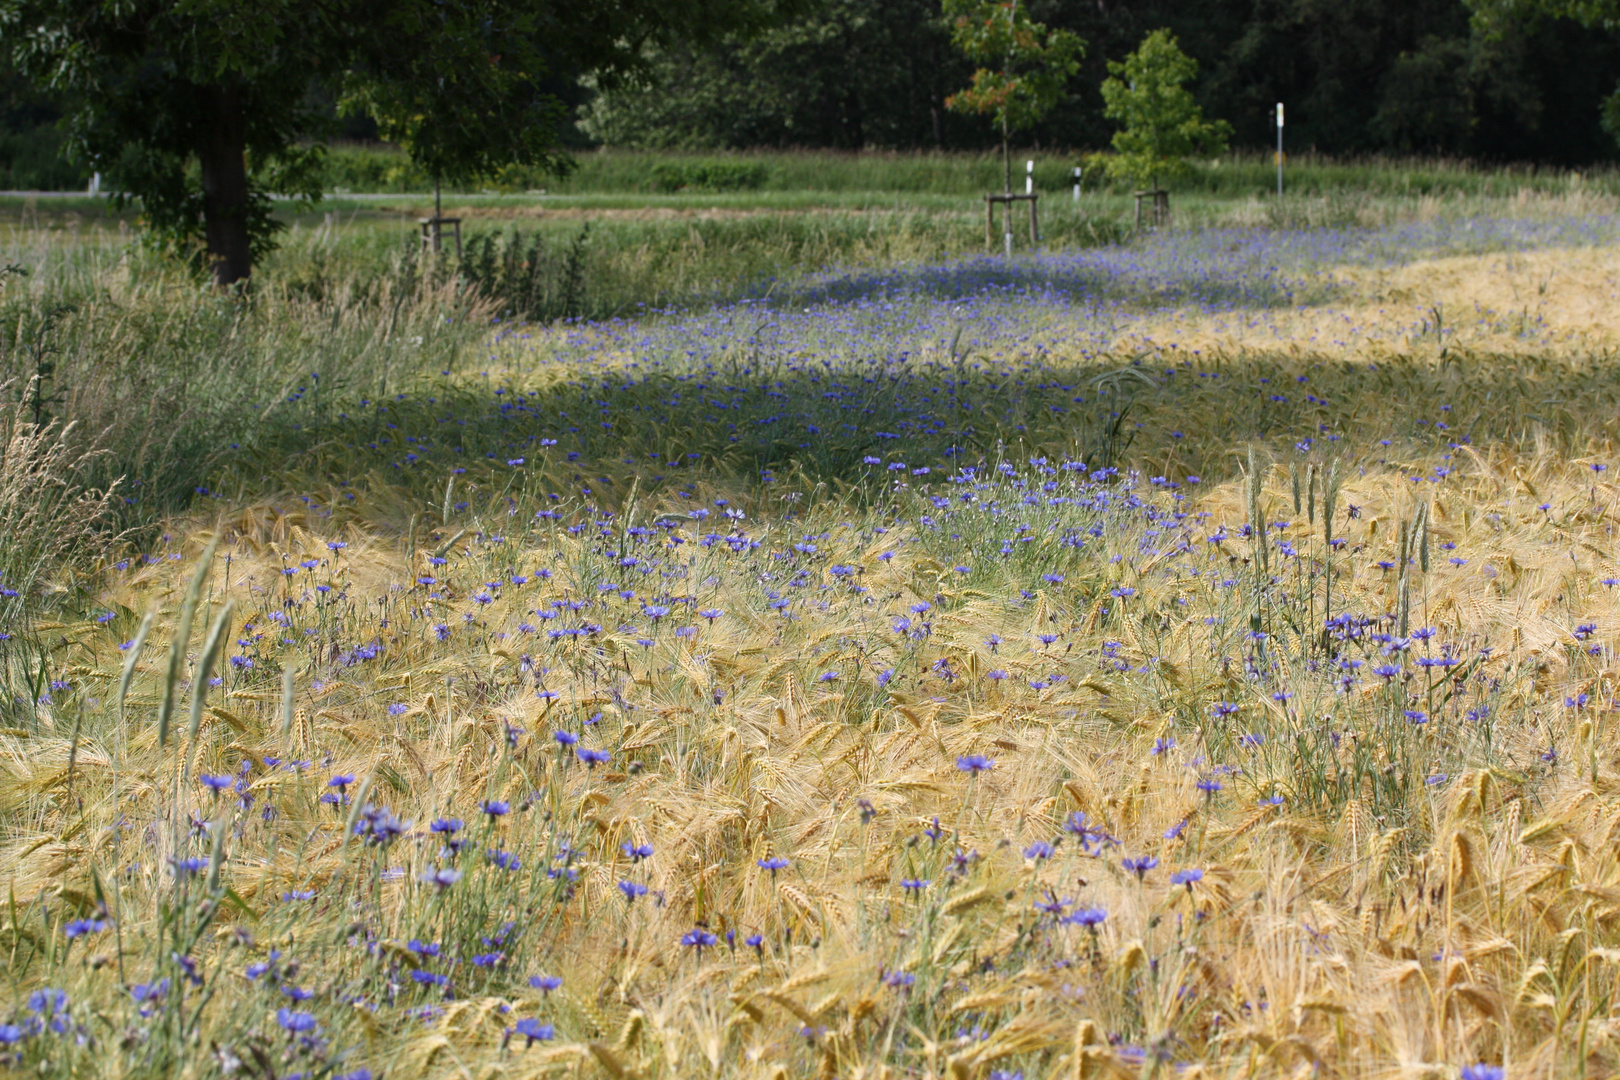 Kornblumen im Getreidefeld